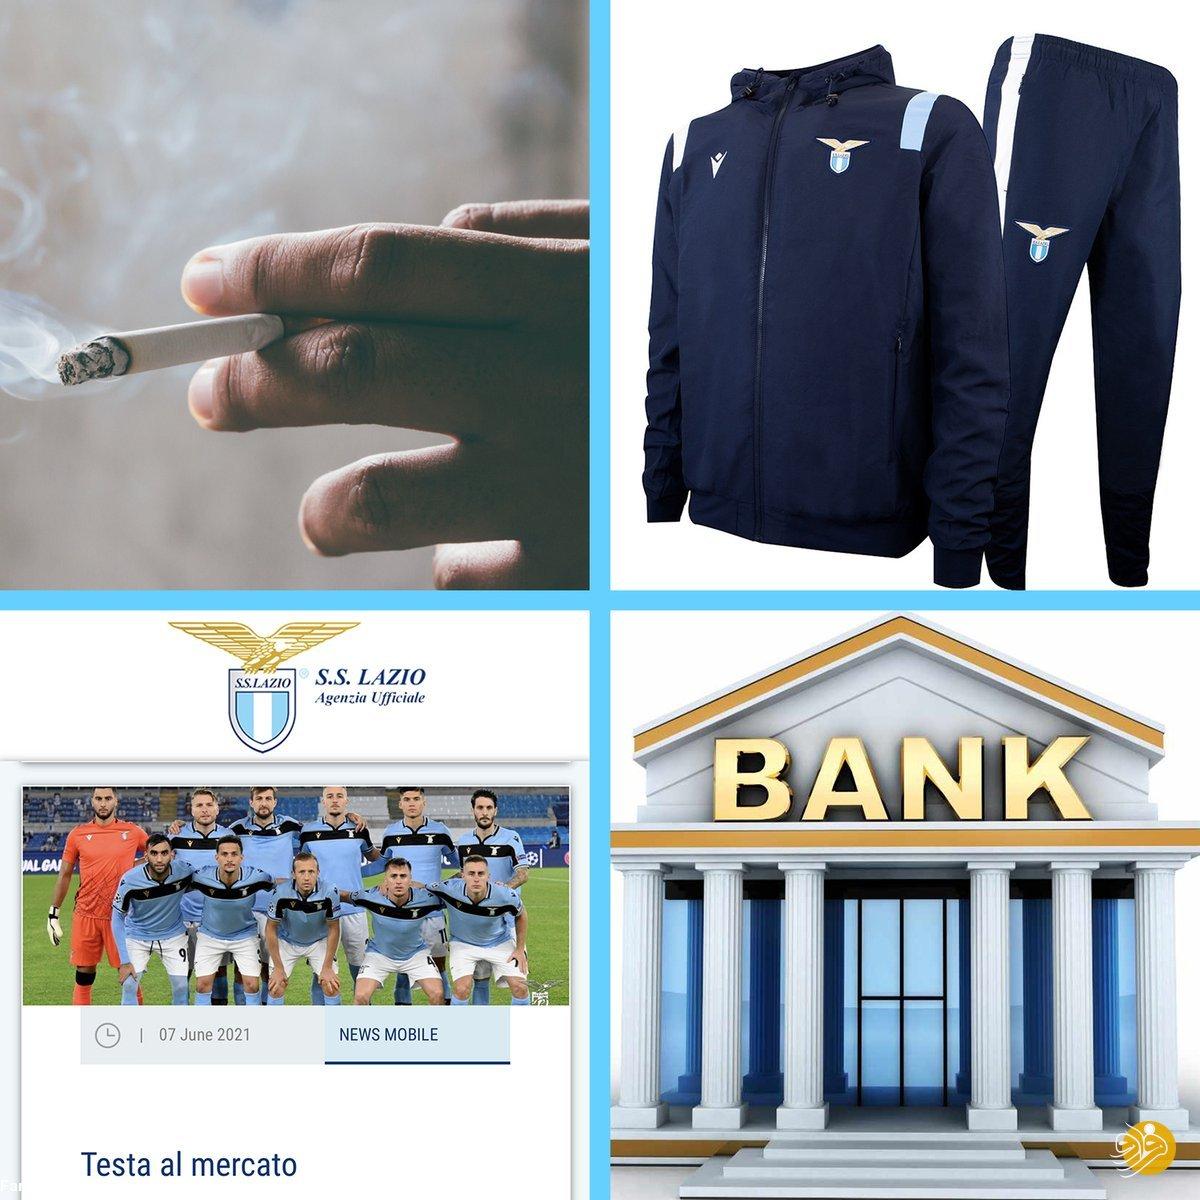 (عکس) انتشار خبر انتخاب سرمربی جدید به وسیله سیگار و بانک!